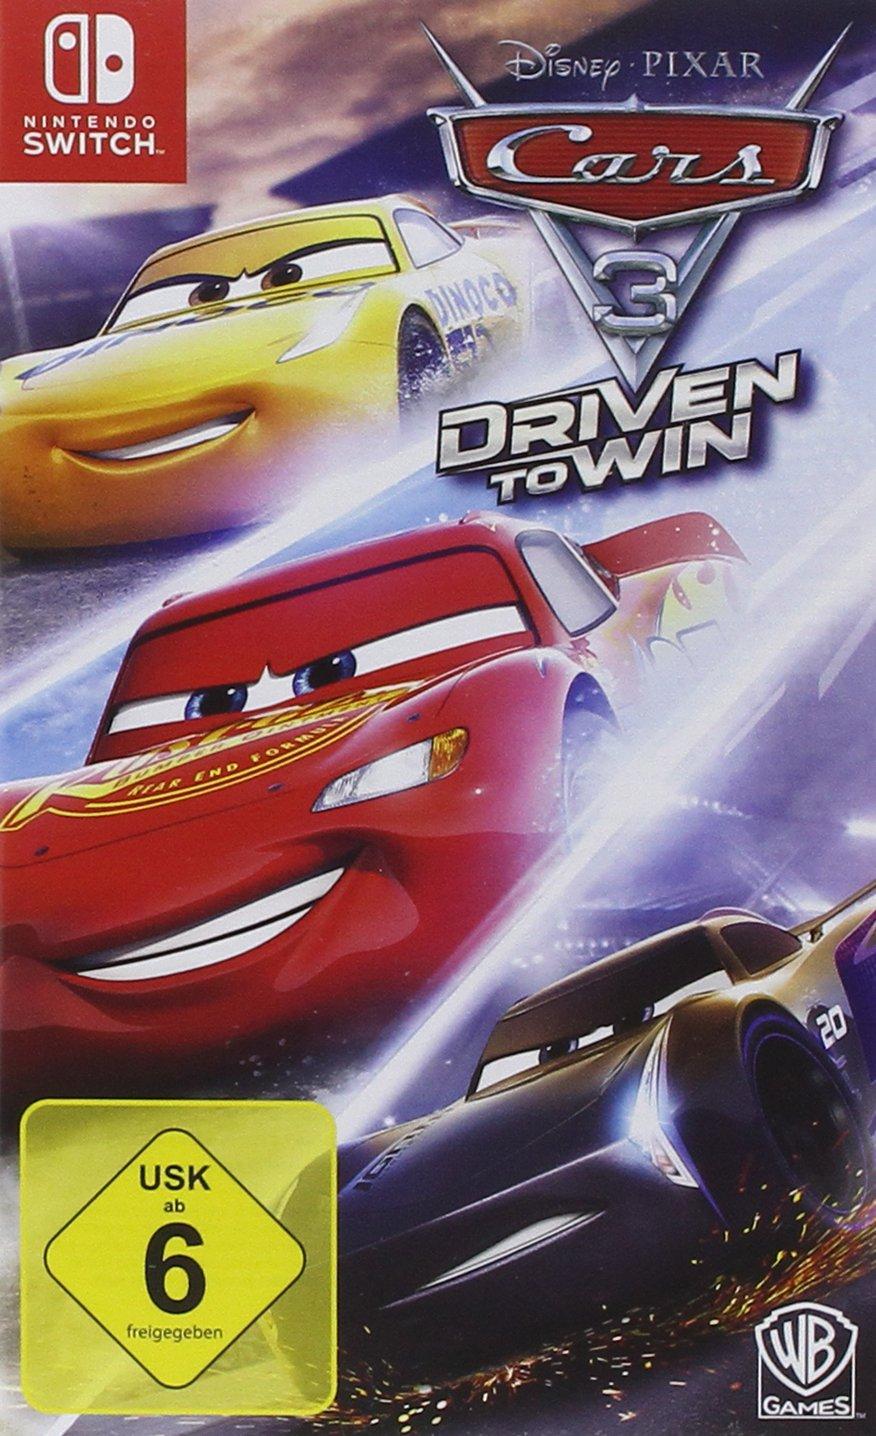 Cars 3: Driven To Win - [Nintendo Switch]: Amazon.de: Games